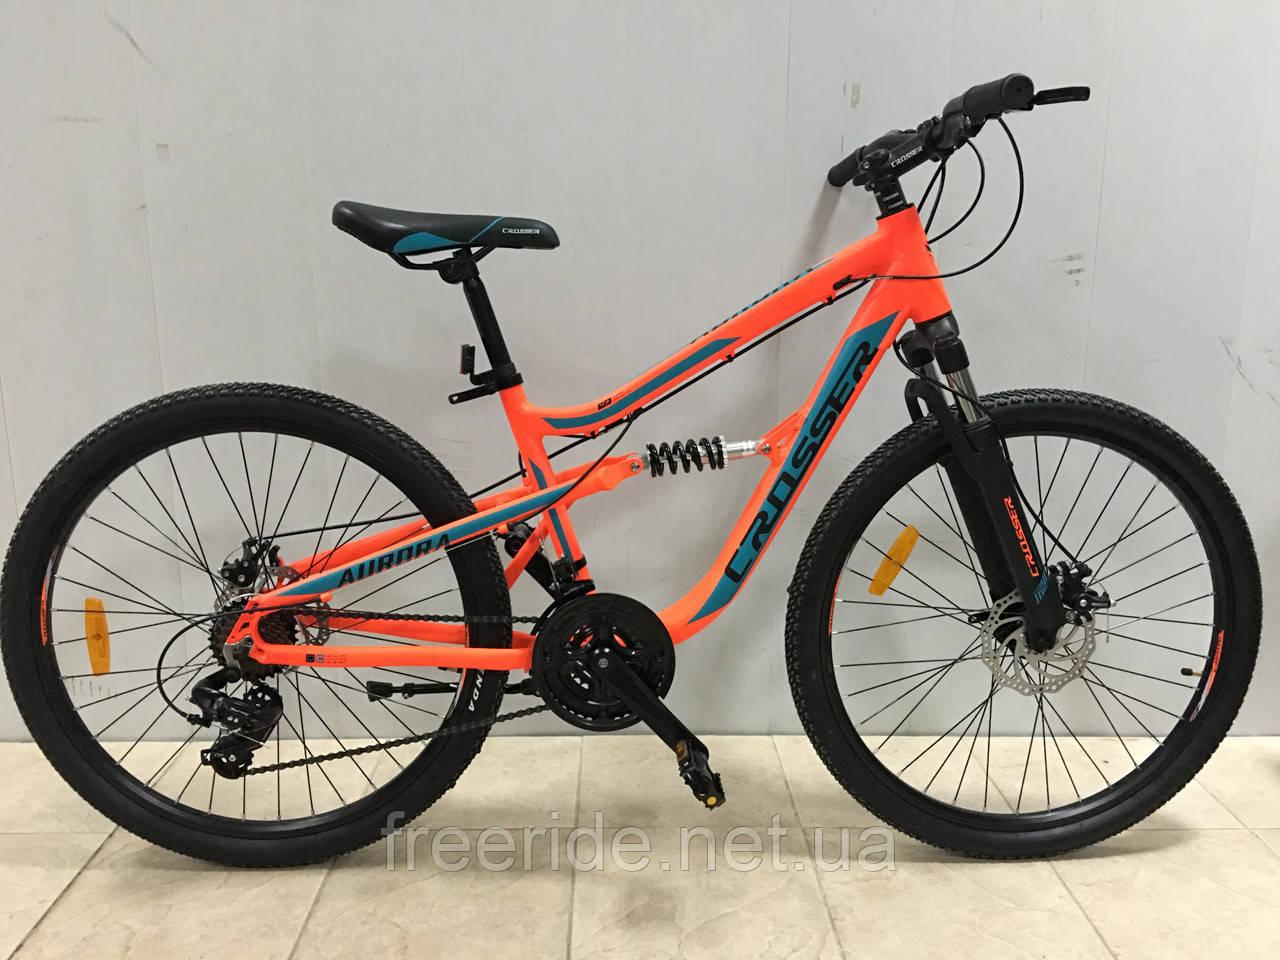 Горный велосипед Crosser Aurora 26